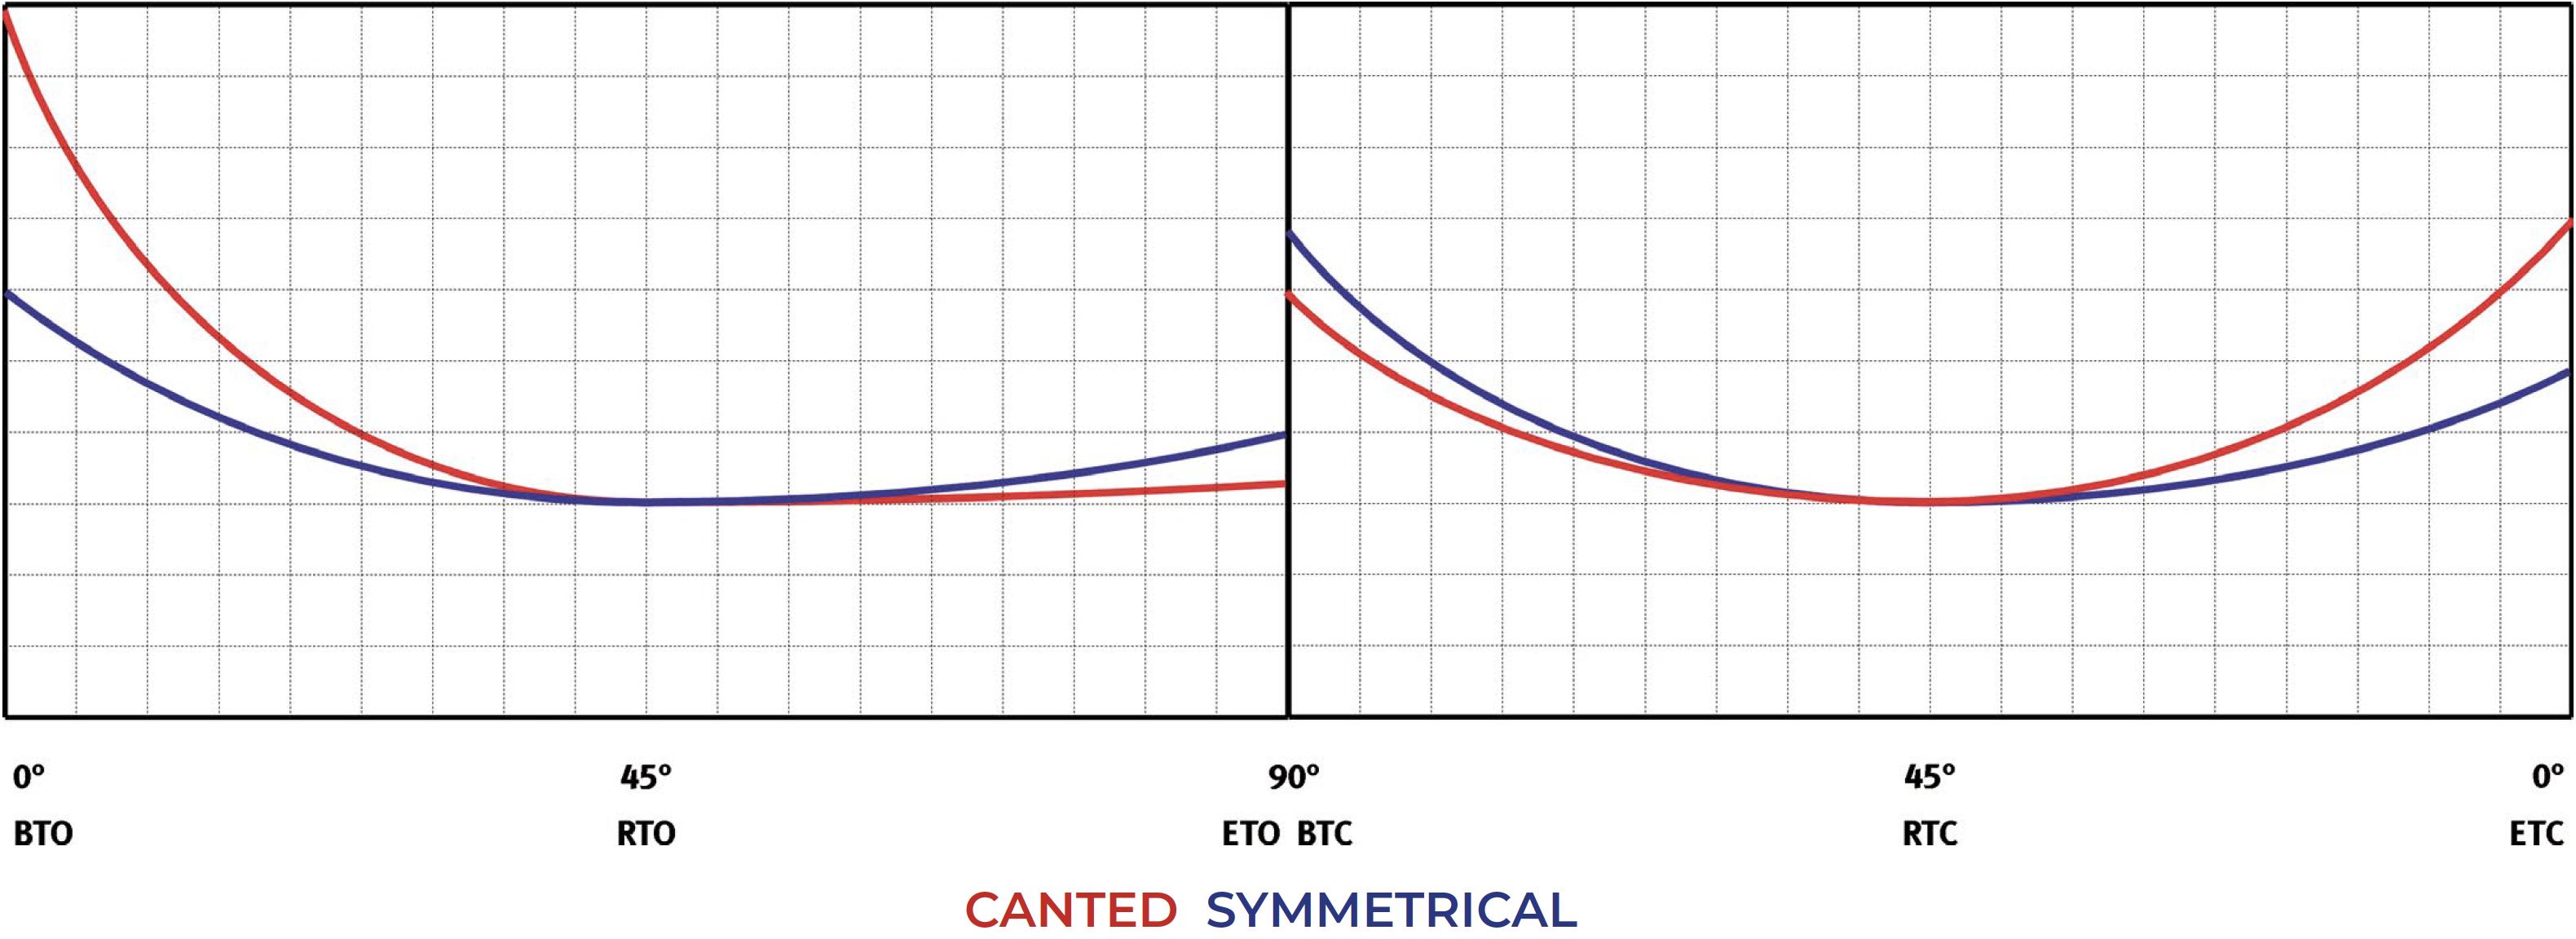 Attuatore pneumatico semplice effetto GS Heavy Duty acciaio carbonio - diagrammi e coppie di spunto - Semplice Effetto Normalmente Aperto – Tabella coppie (momenti torcenti)